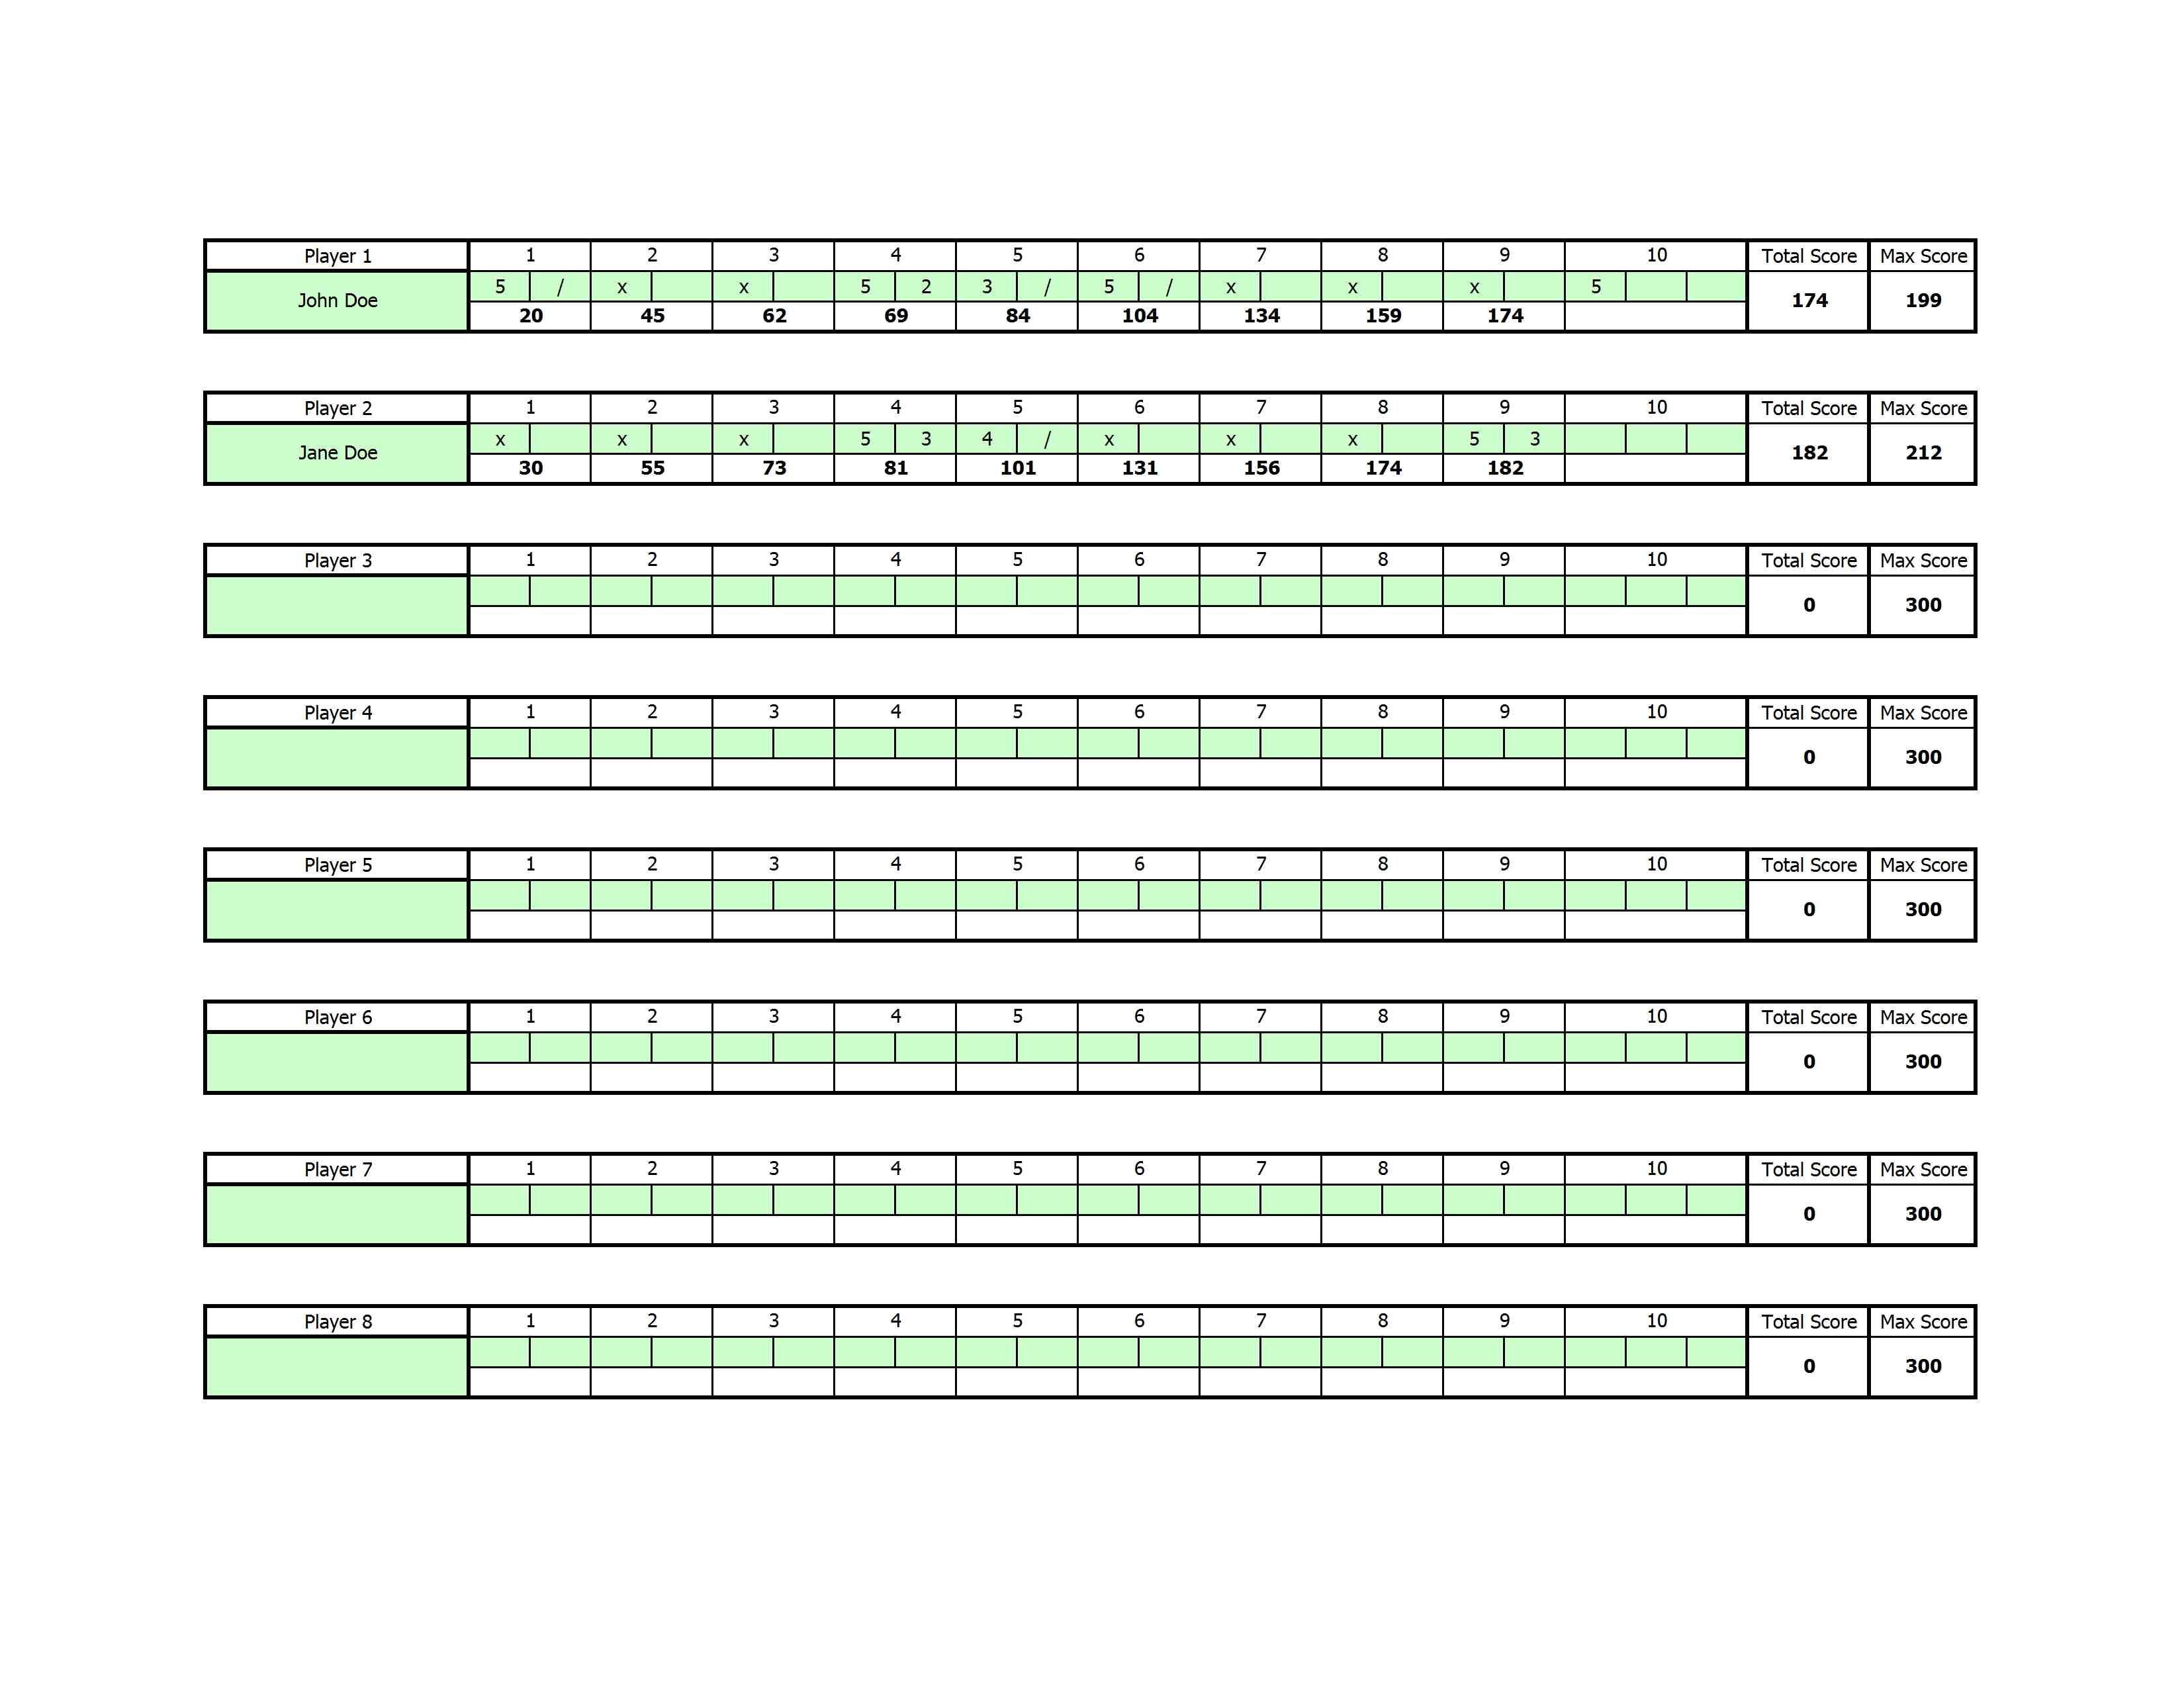 Free Bowling Score Sheet Template - Free Printable Bowling Score Sheets